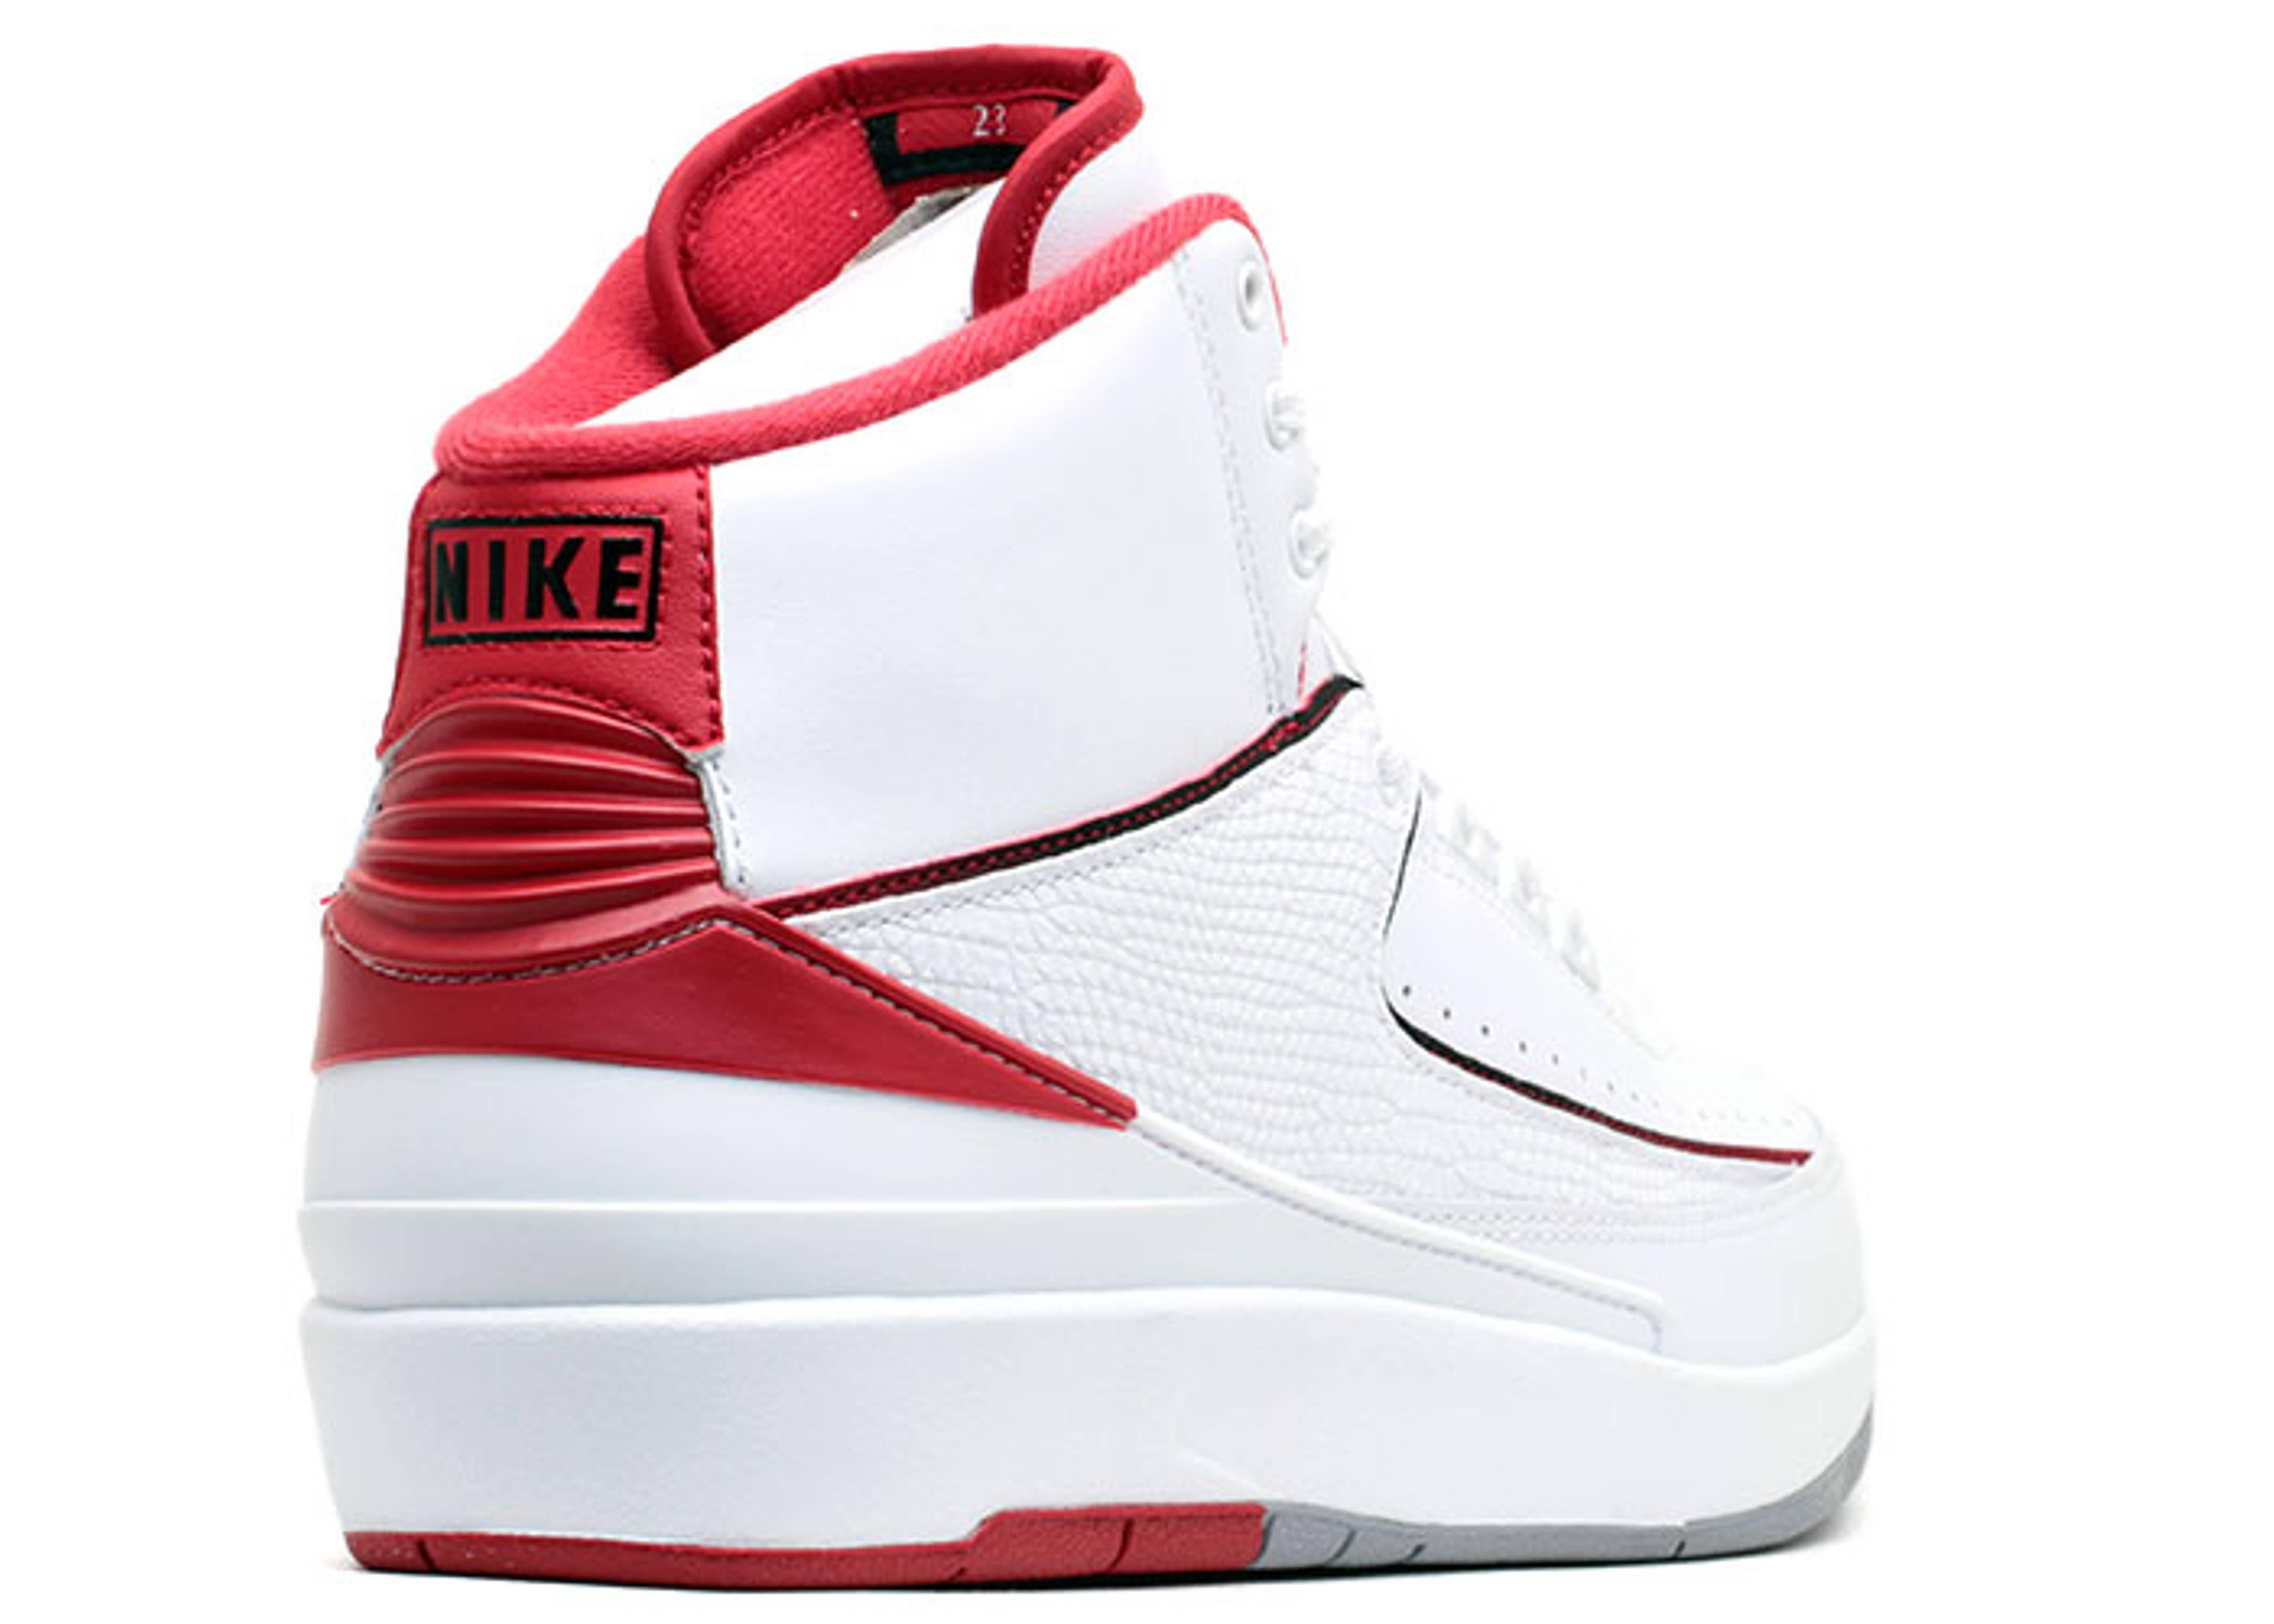 new style 2c07f 0081e red and white jordan 2s, Air Jordan 11 Concord - Air Jordan ...